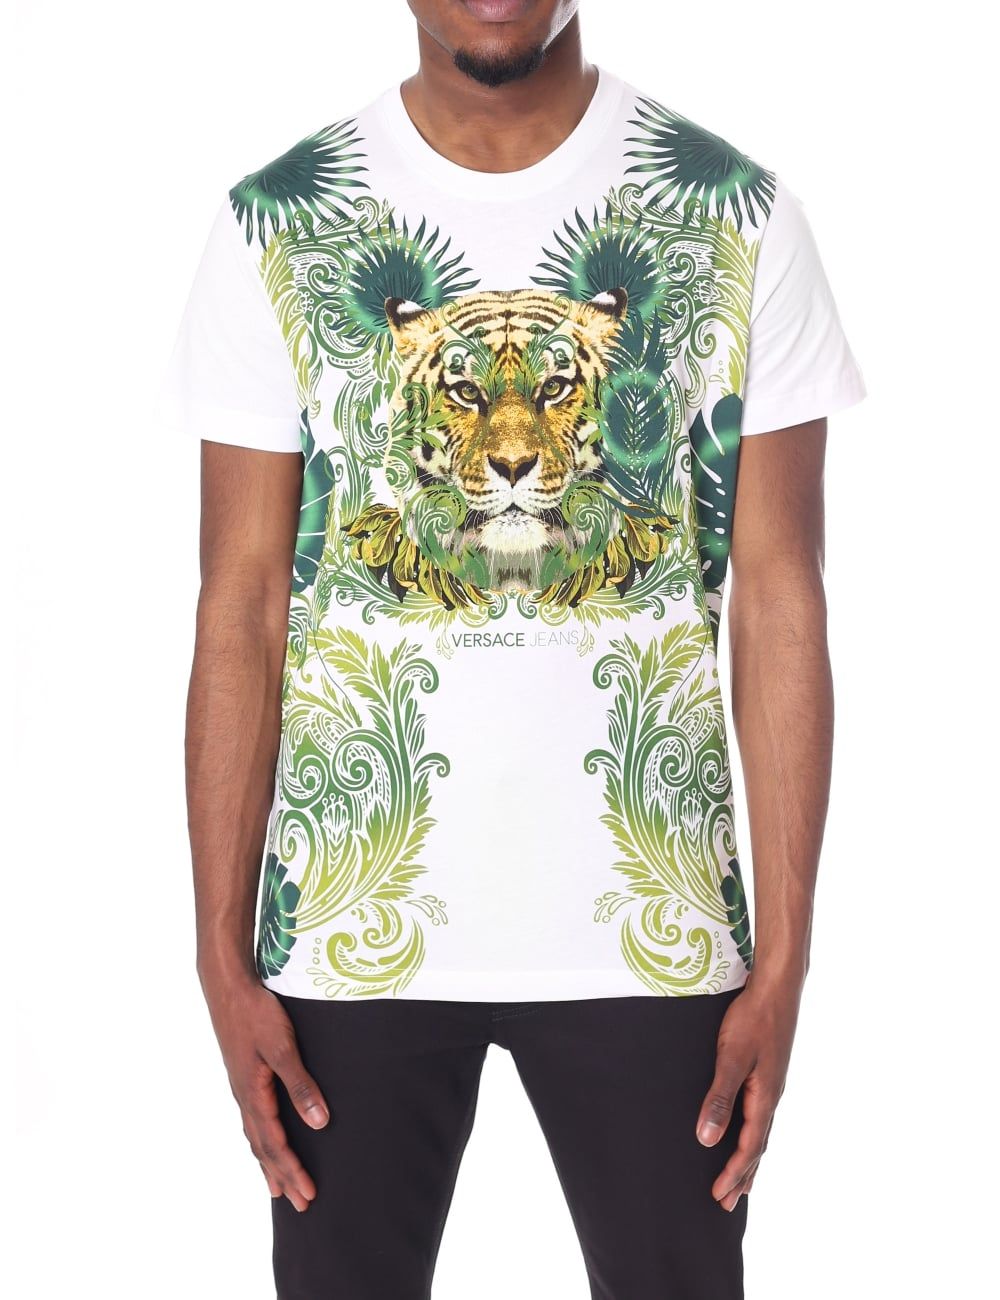 Versace Jeans Men's Tiger Print Crew Neck Short Sleeve Tee